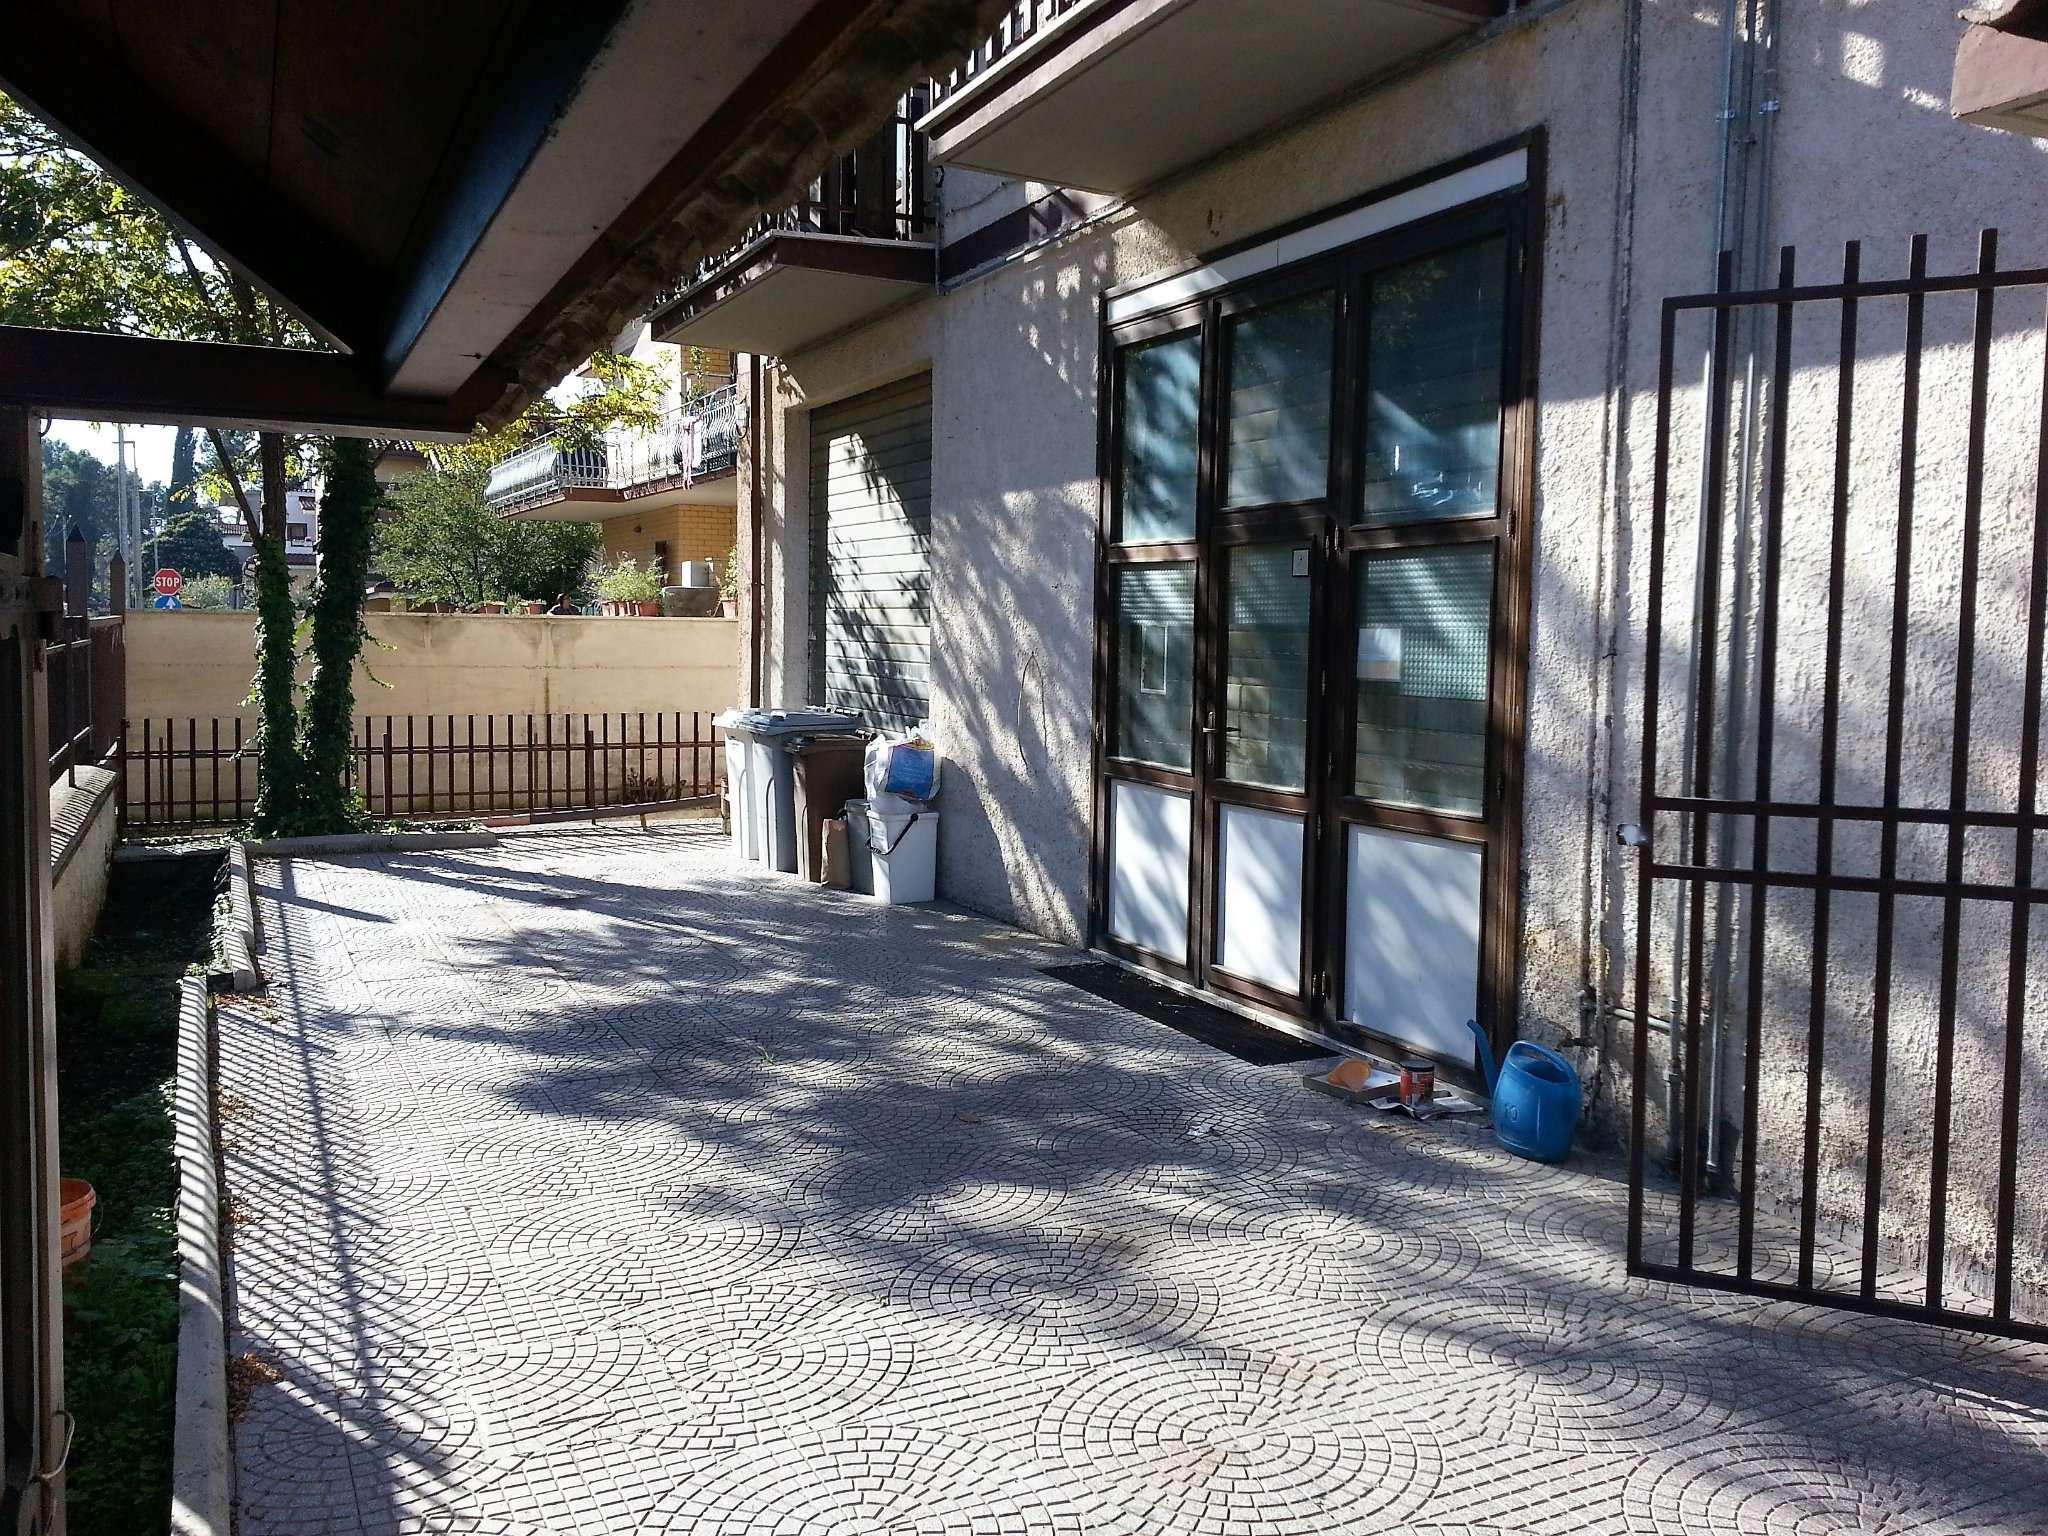 Negozio / Locale in vendita a Guidonia Montecelio, 1 locali, prezzo € 45.000 | CambioCasa.it